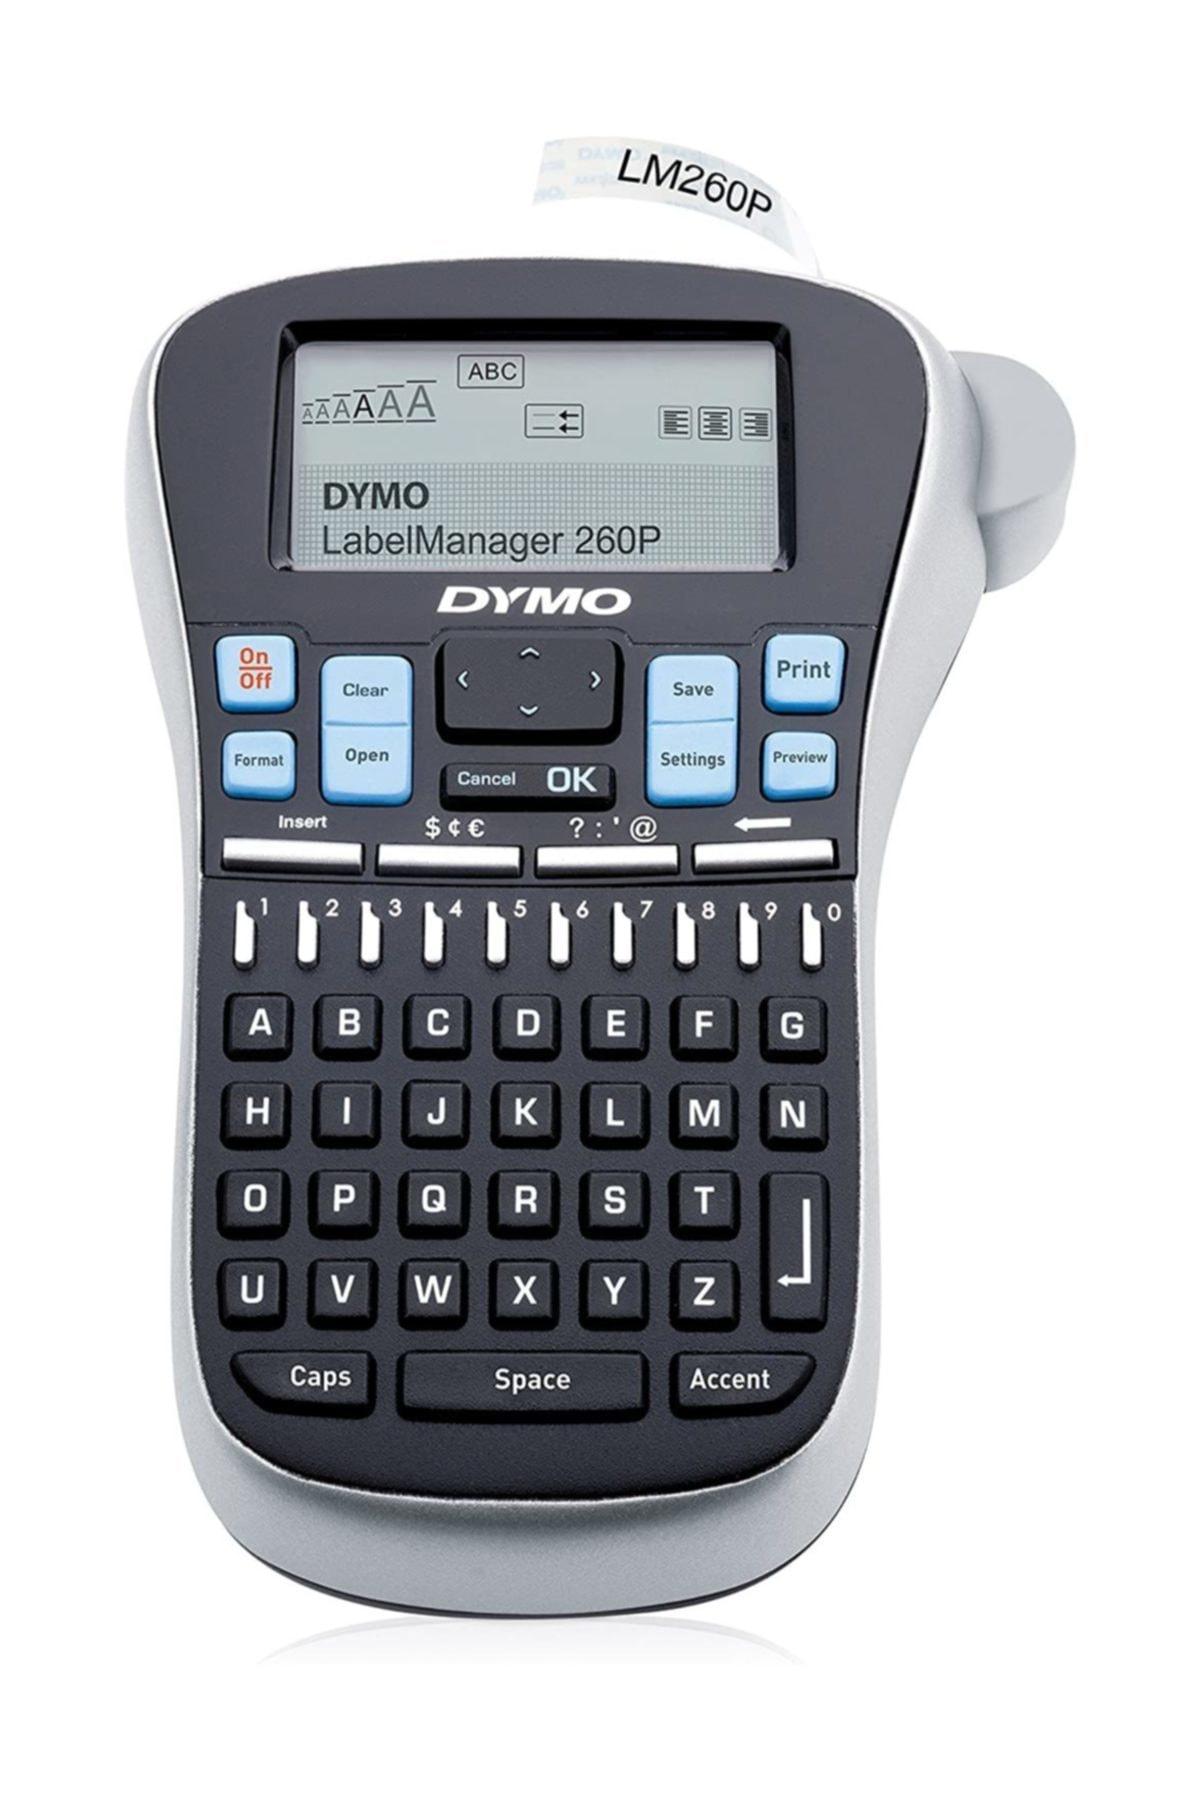 DYMO LM 260P Elde Taşınabilir Etiket Makinesi